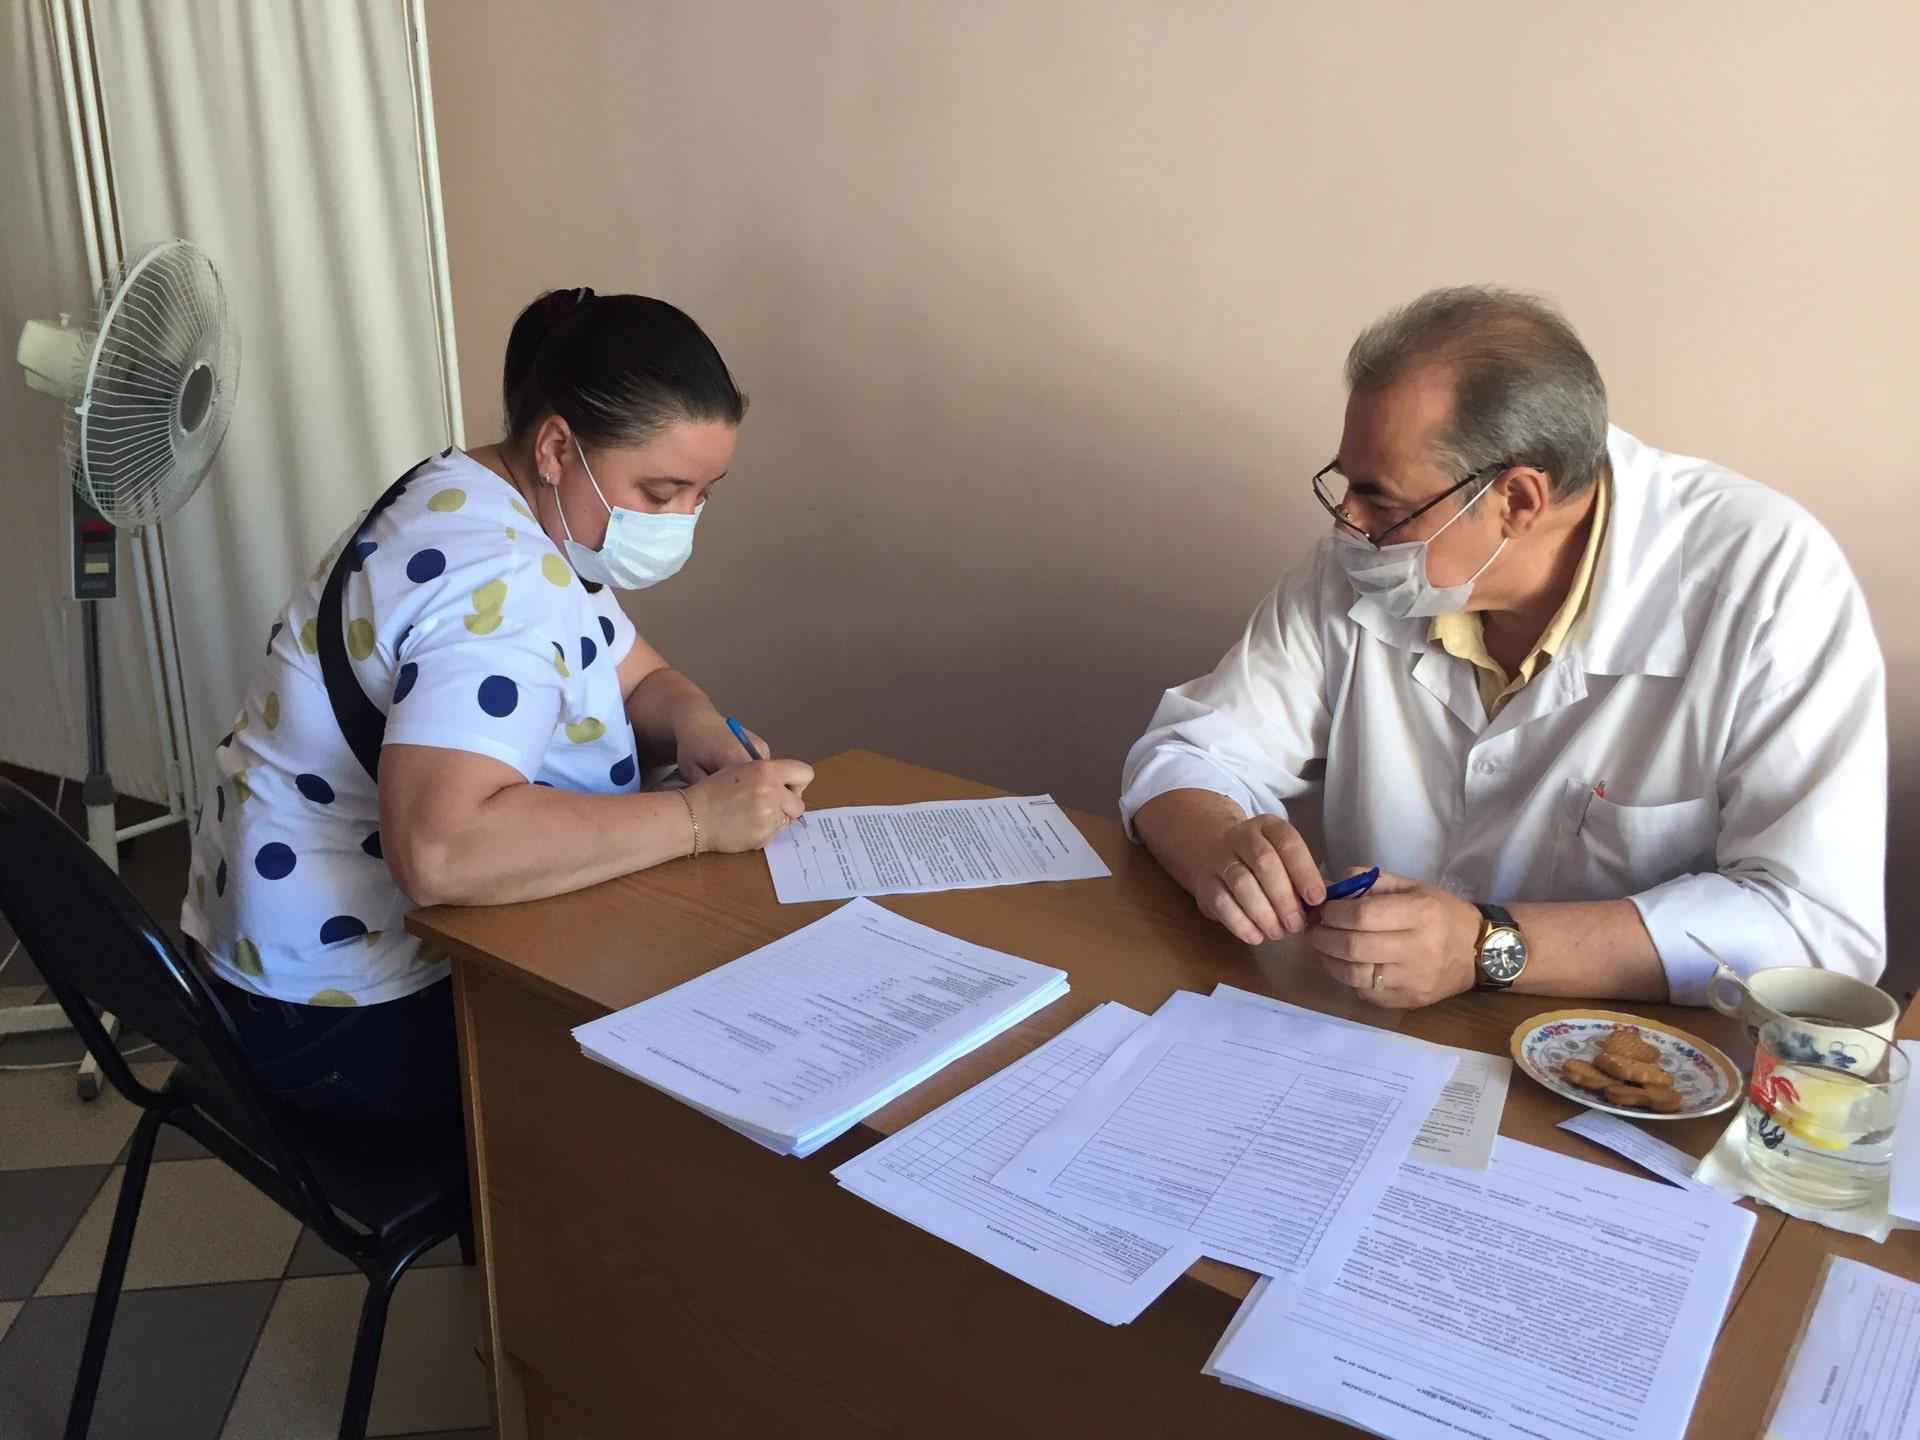 В Твери сотрудники Почты России продолжают вакцинироваться от COVID-19 прямо на рабочем месте